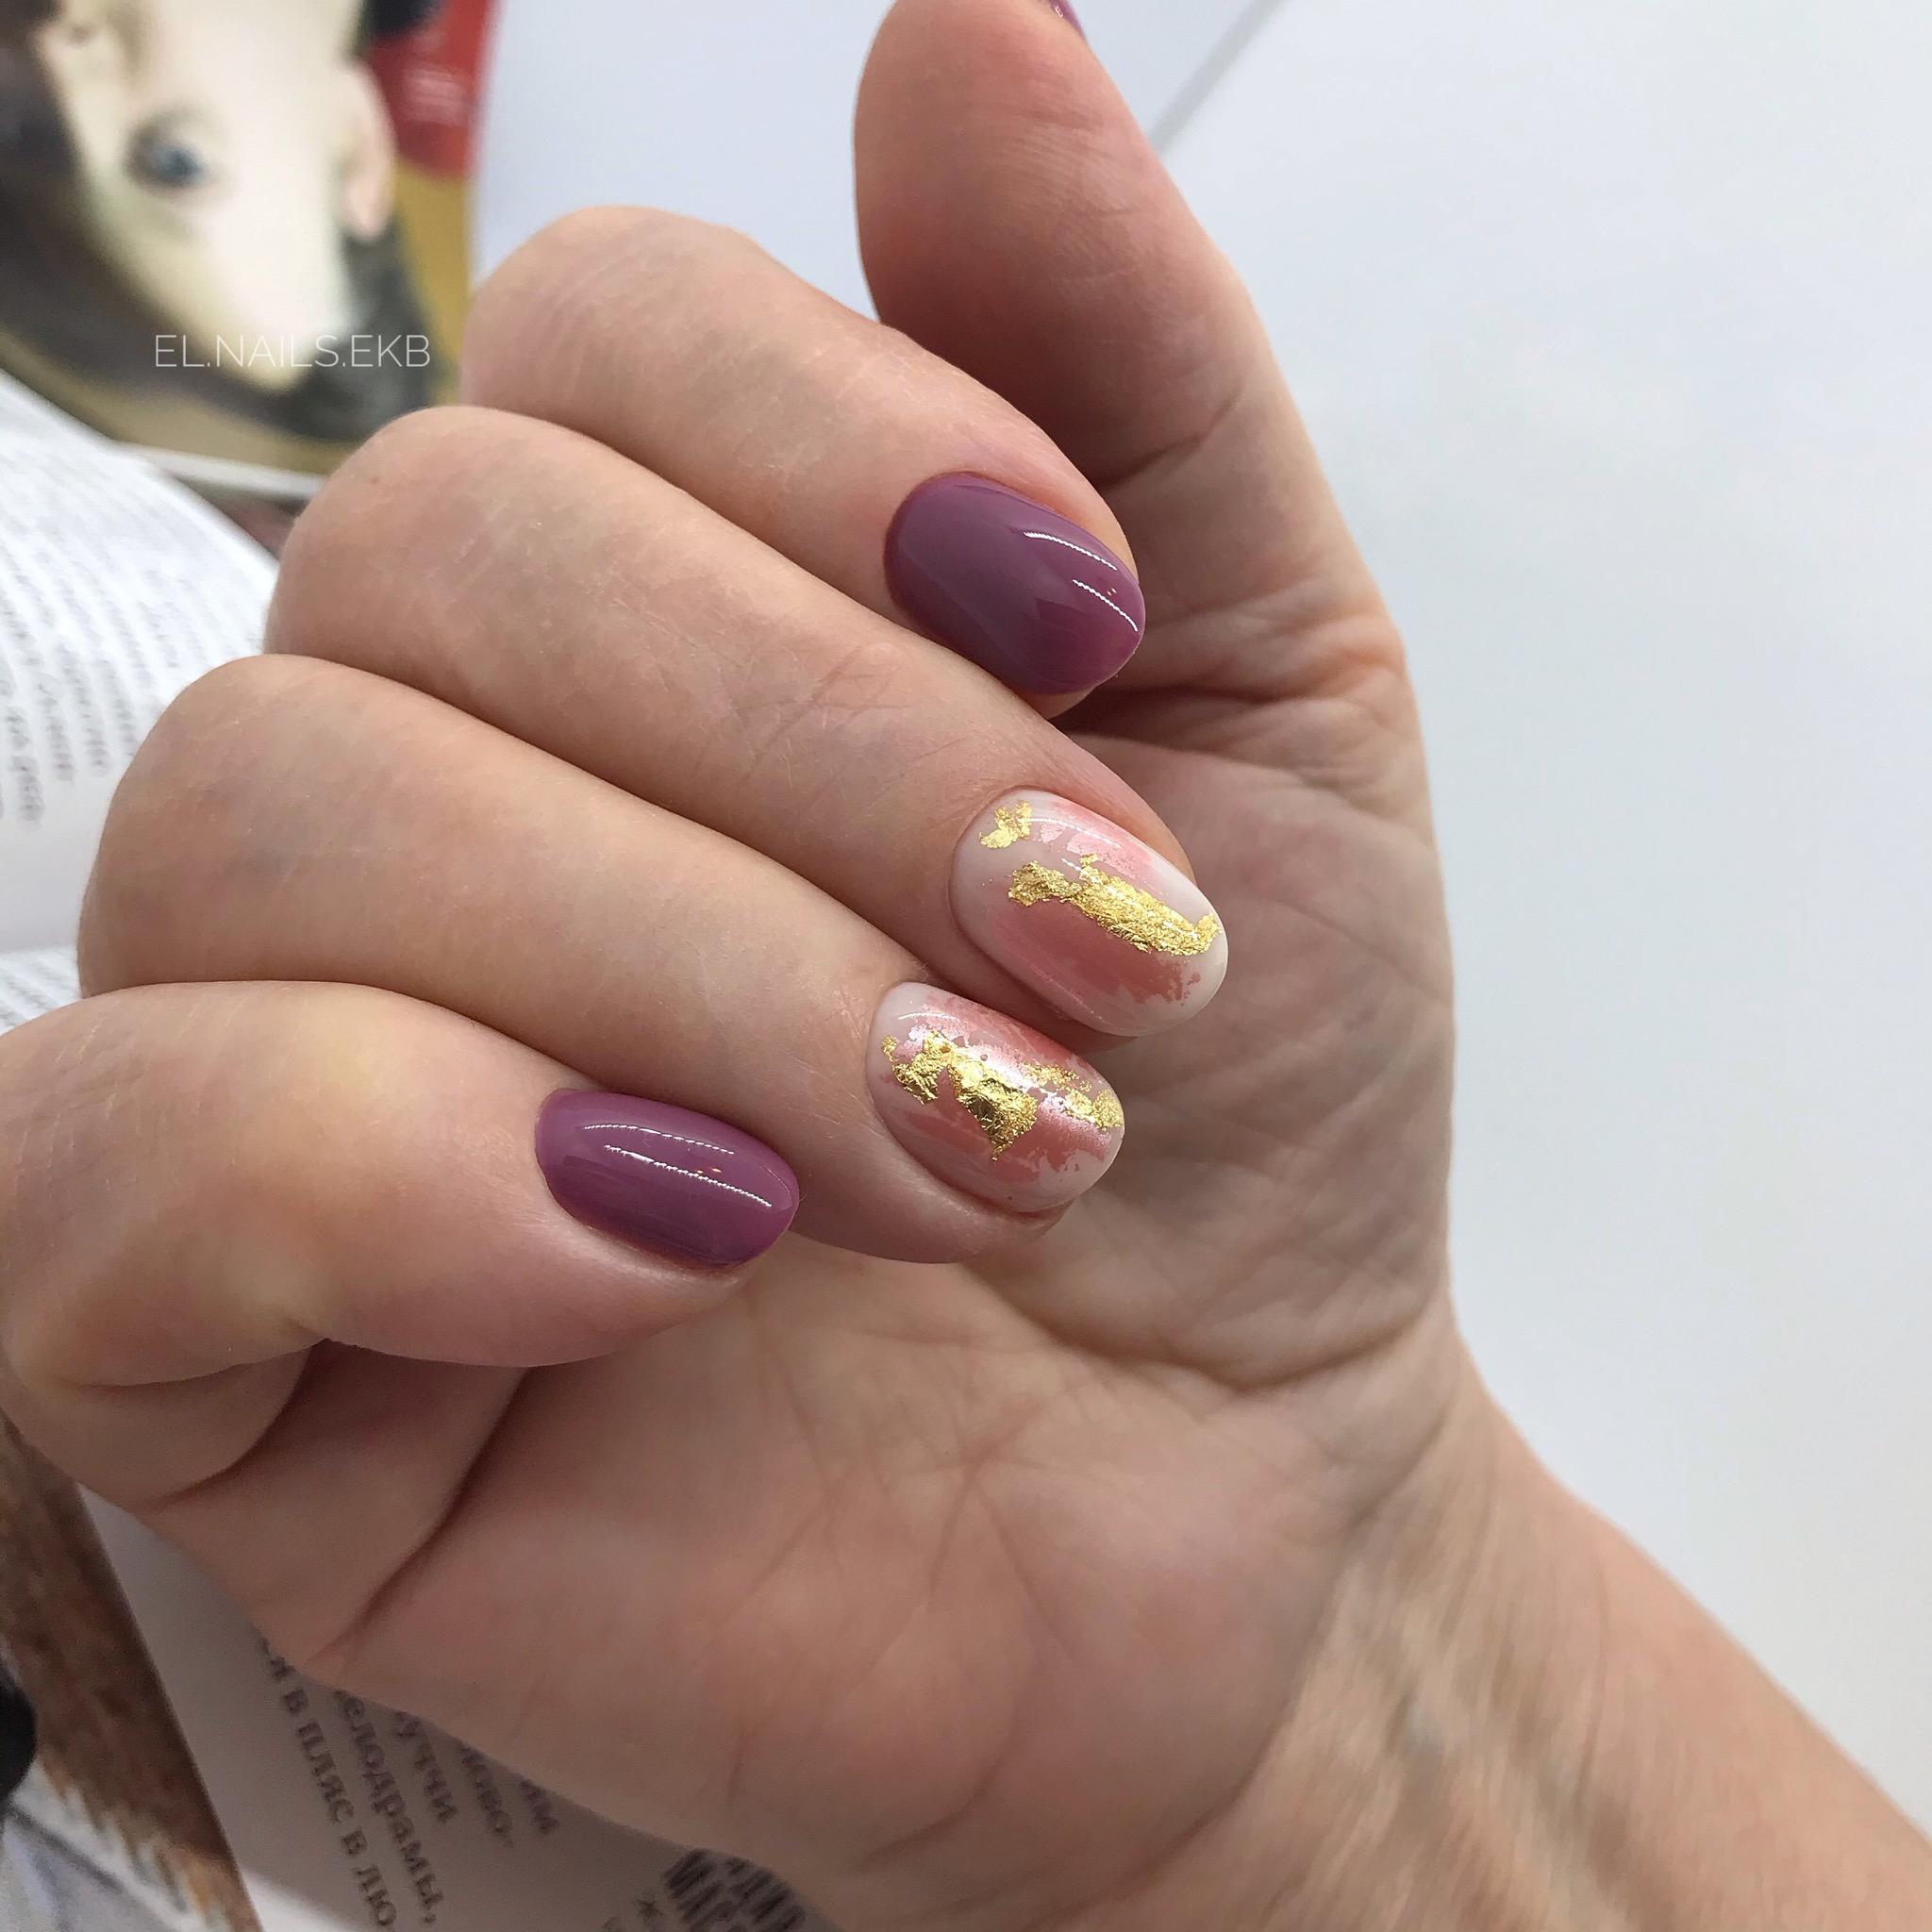 Маникюр с золотой фольгой в сиреневом цвете на короткие ногти.